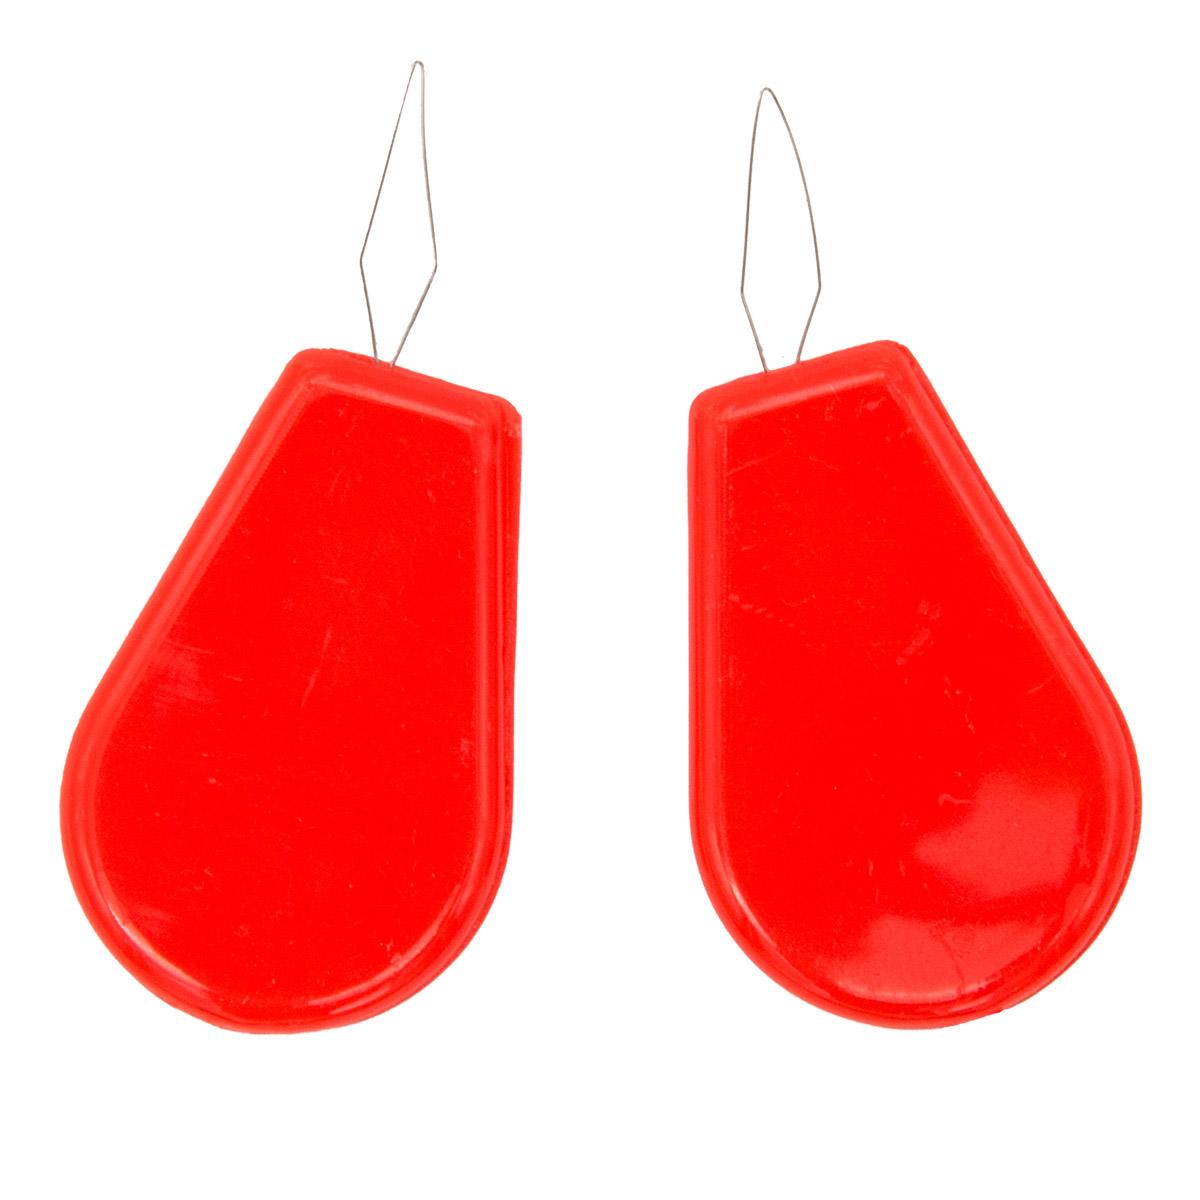 310001 Нитковдеватель пластиковый, упак./2 шт., Hobby&Pro